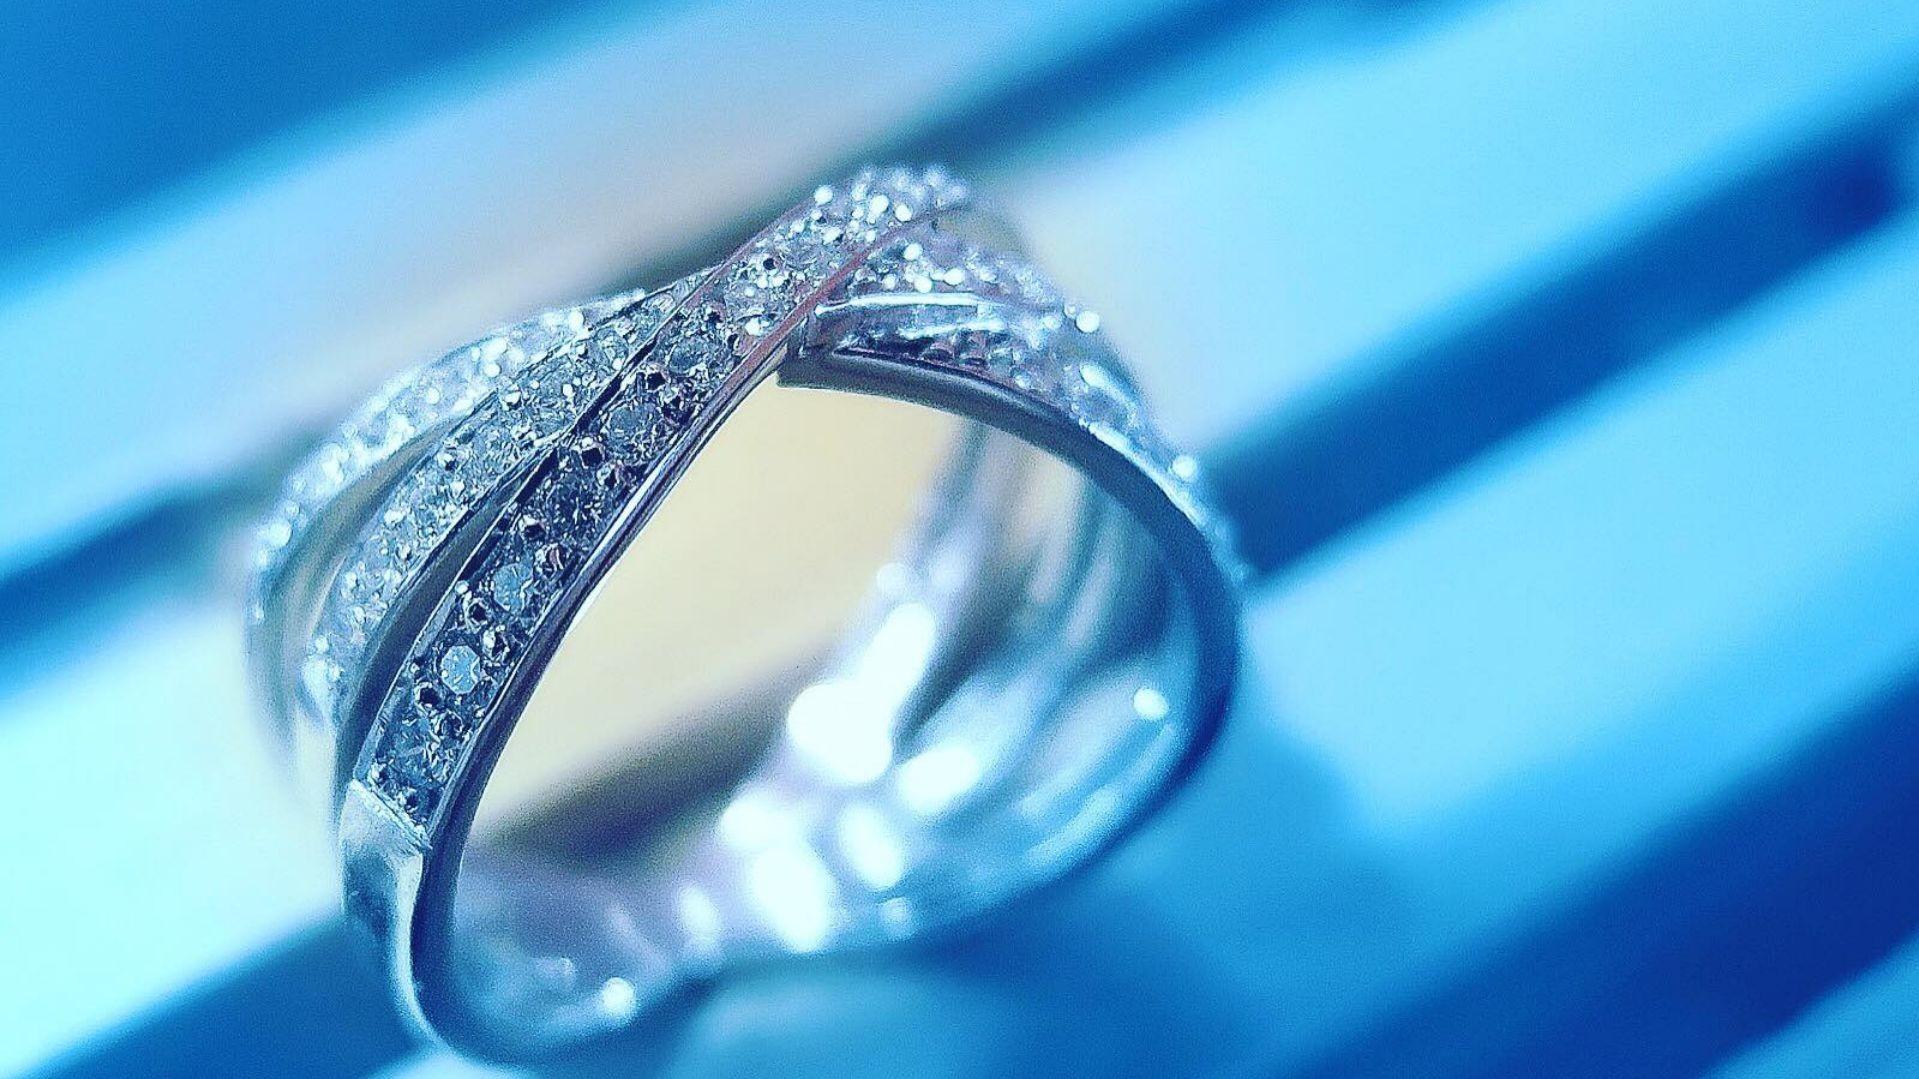 Anillos de compromiso y alianzas de boda